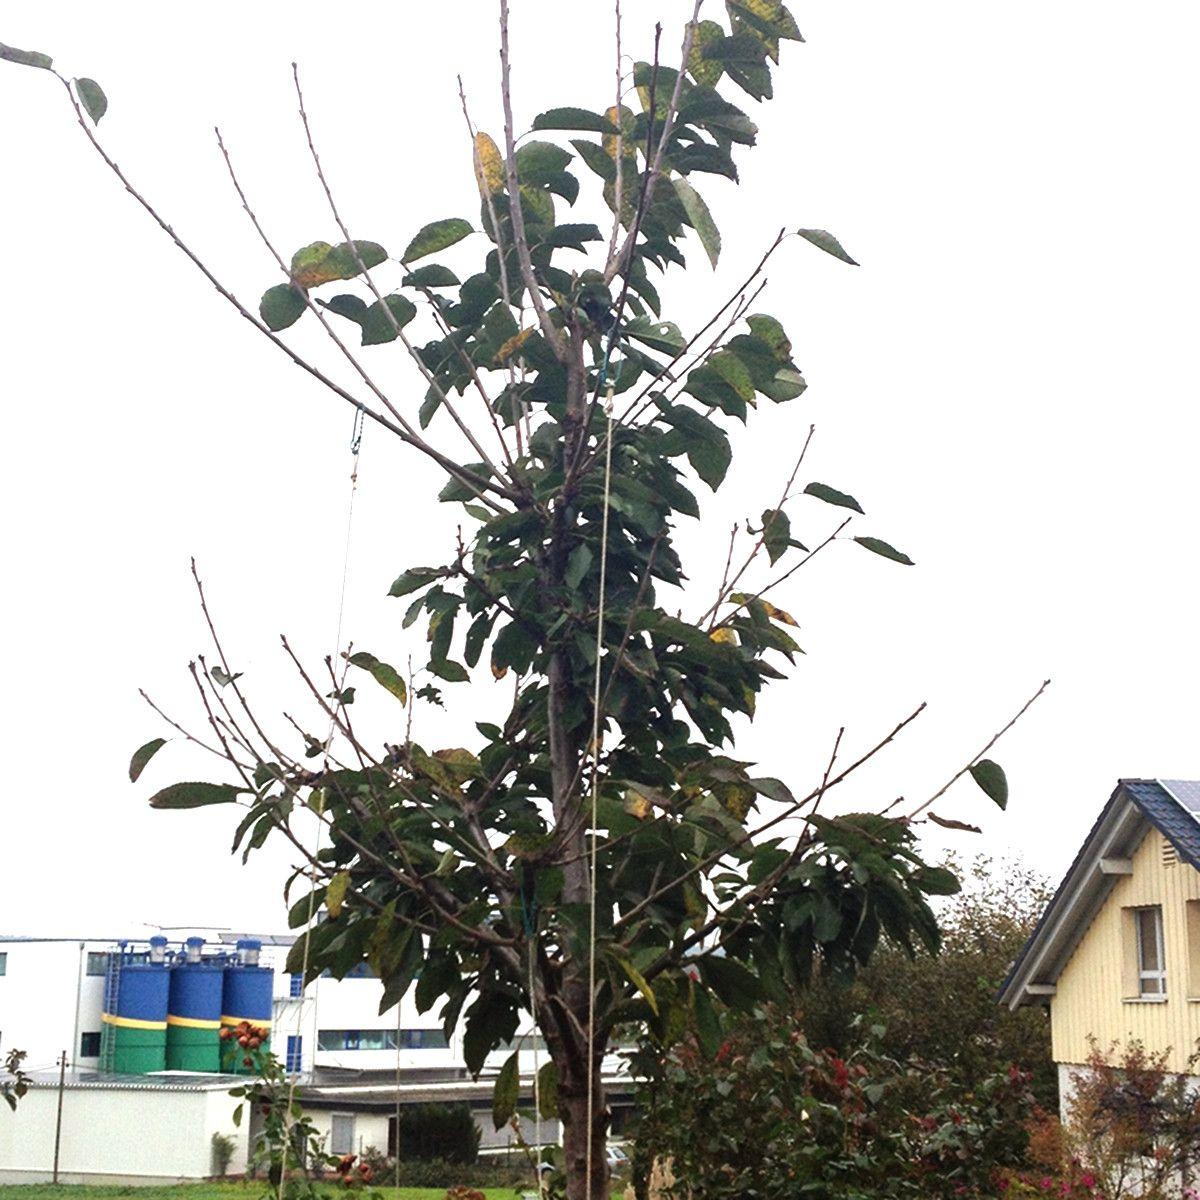 Beliebt Fehler bei Baumschnitt an junger Kirsche - Baumpflegeportal GD26